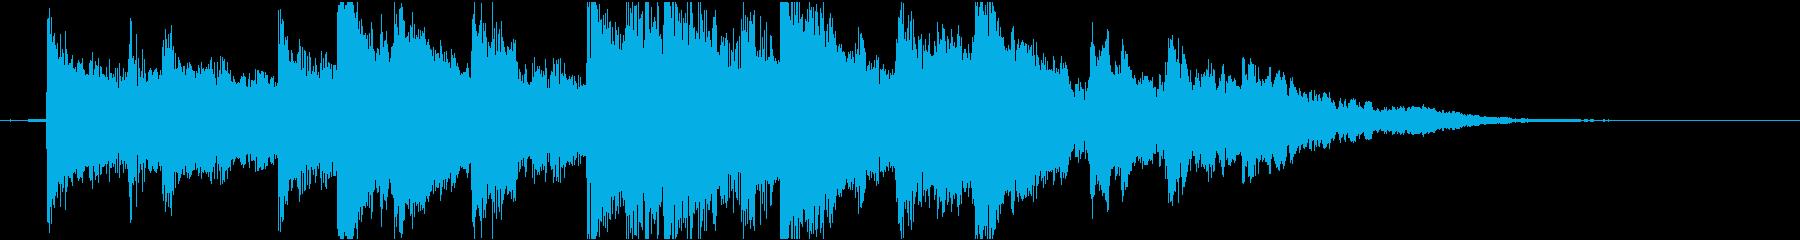 代替案 ポップ コーポレート ほの...の再生済みの波形